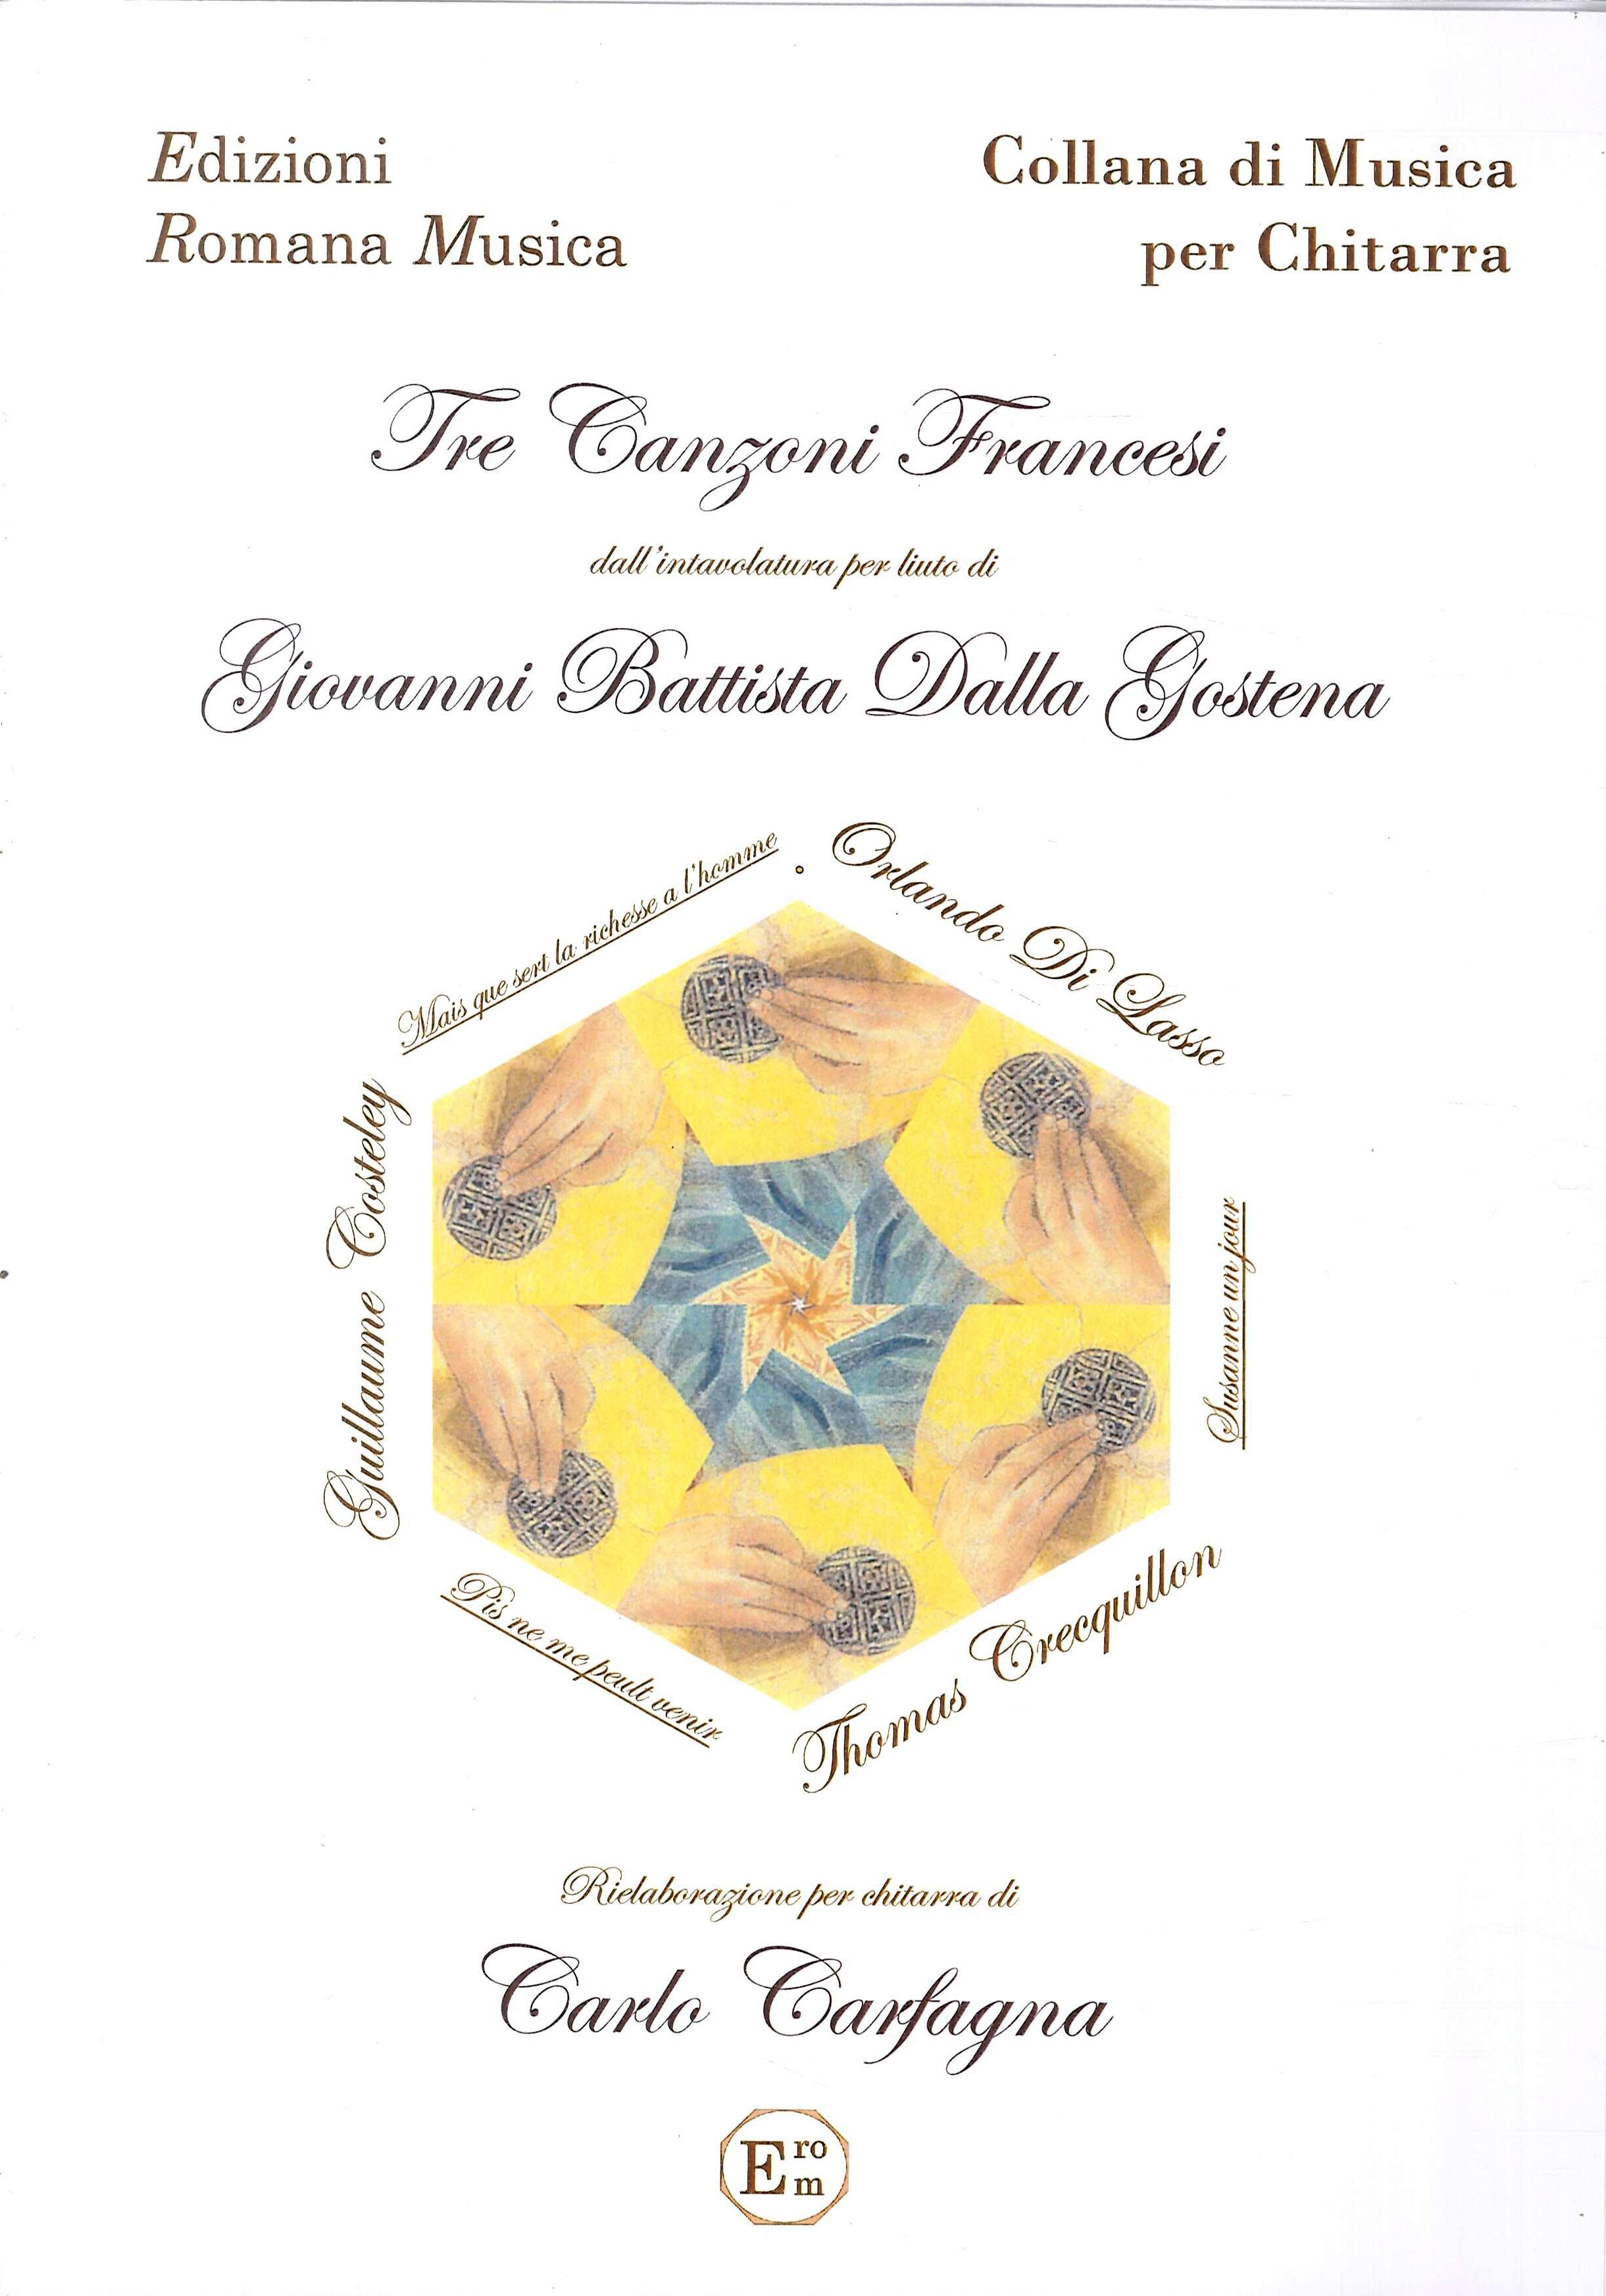 Giovanni Battista dalla Gostena. Tre Canzoni Francesi. Musica per Chitarra. Erom 0020.